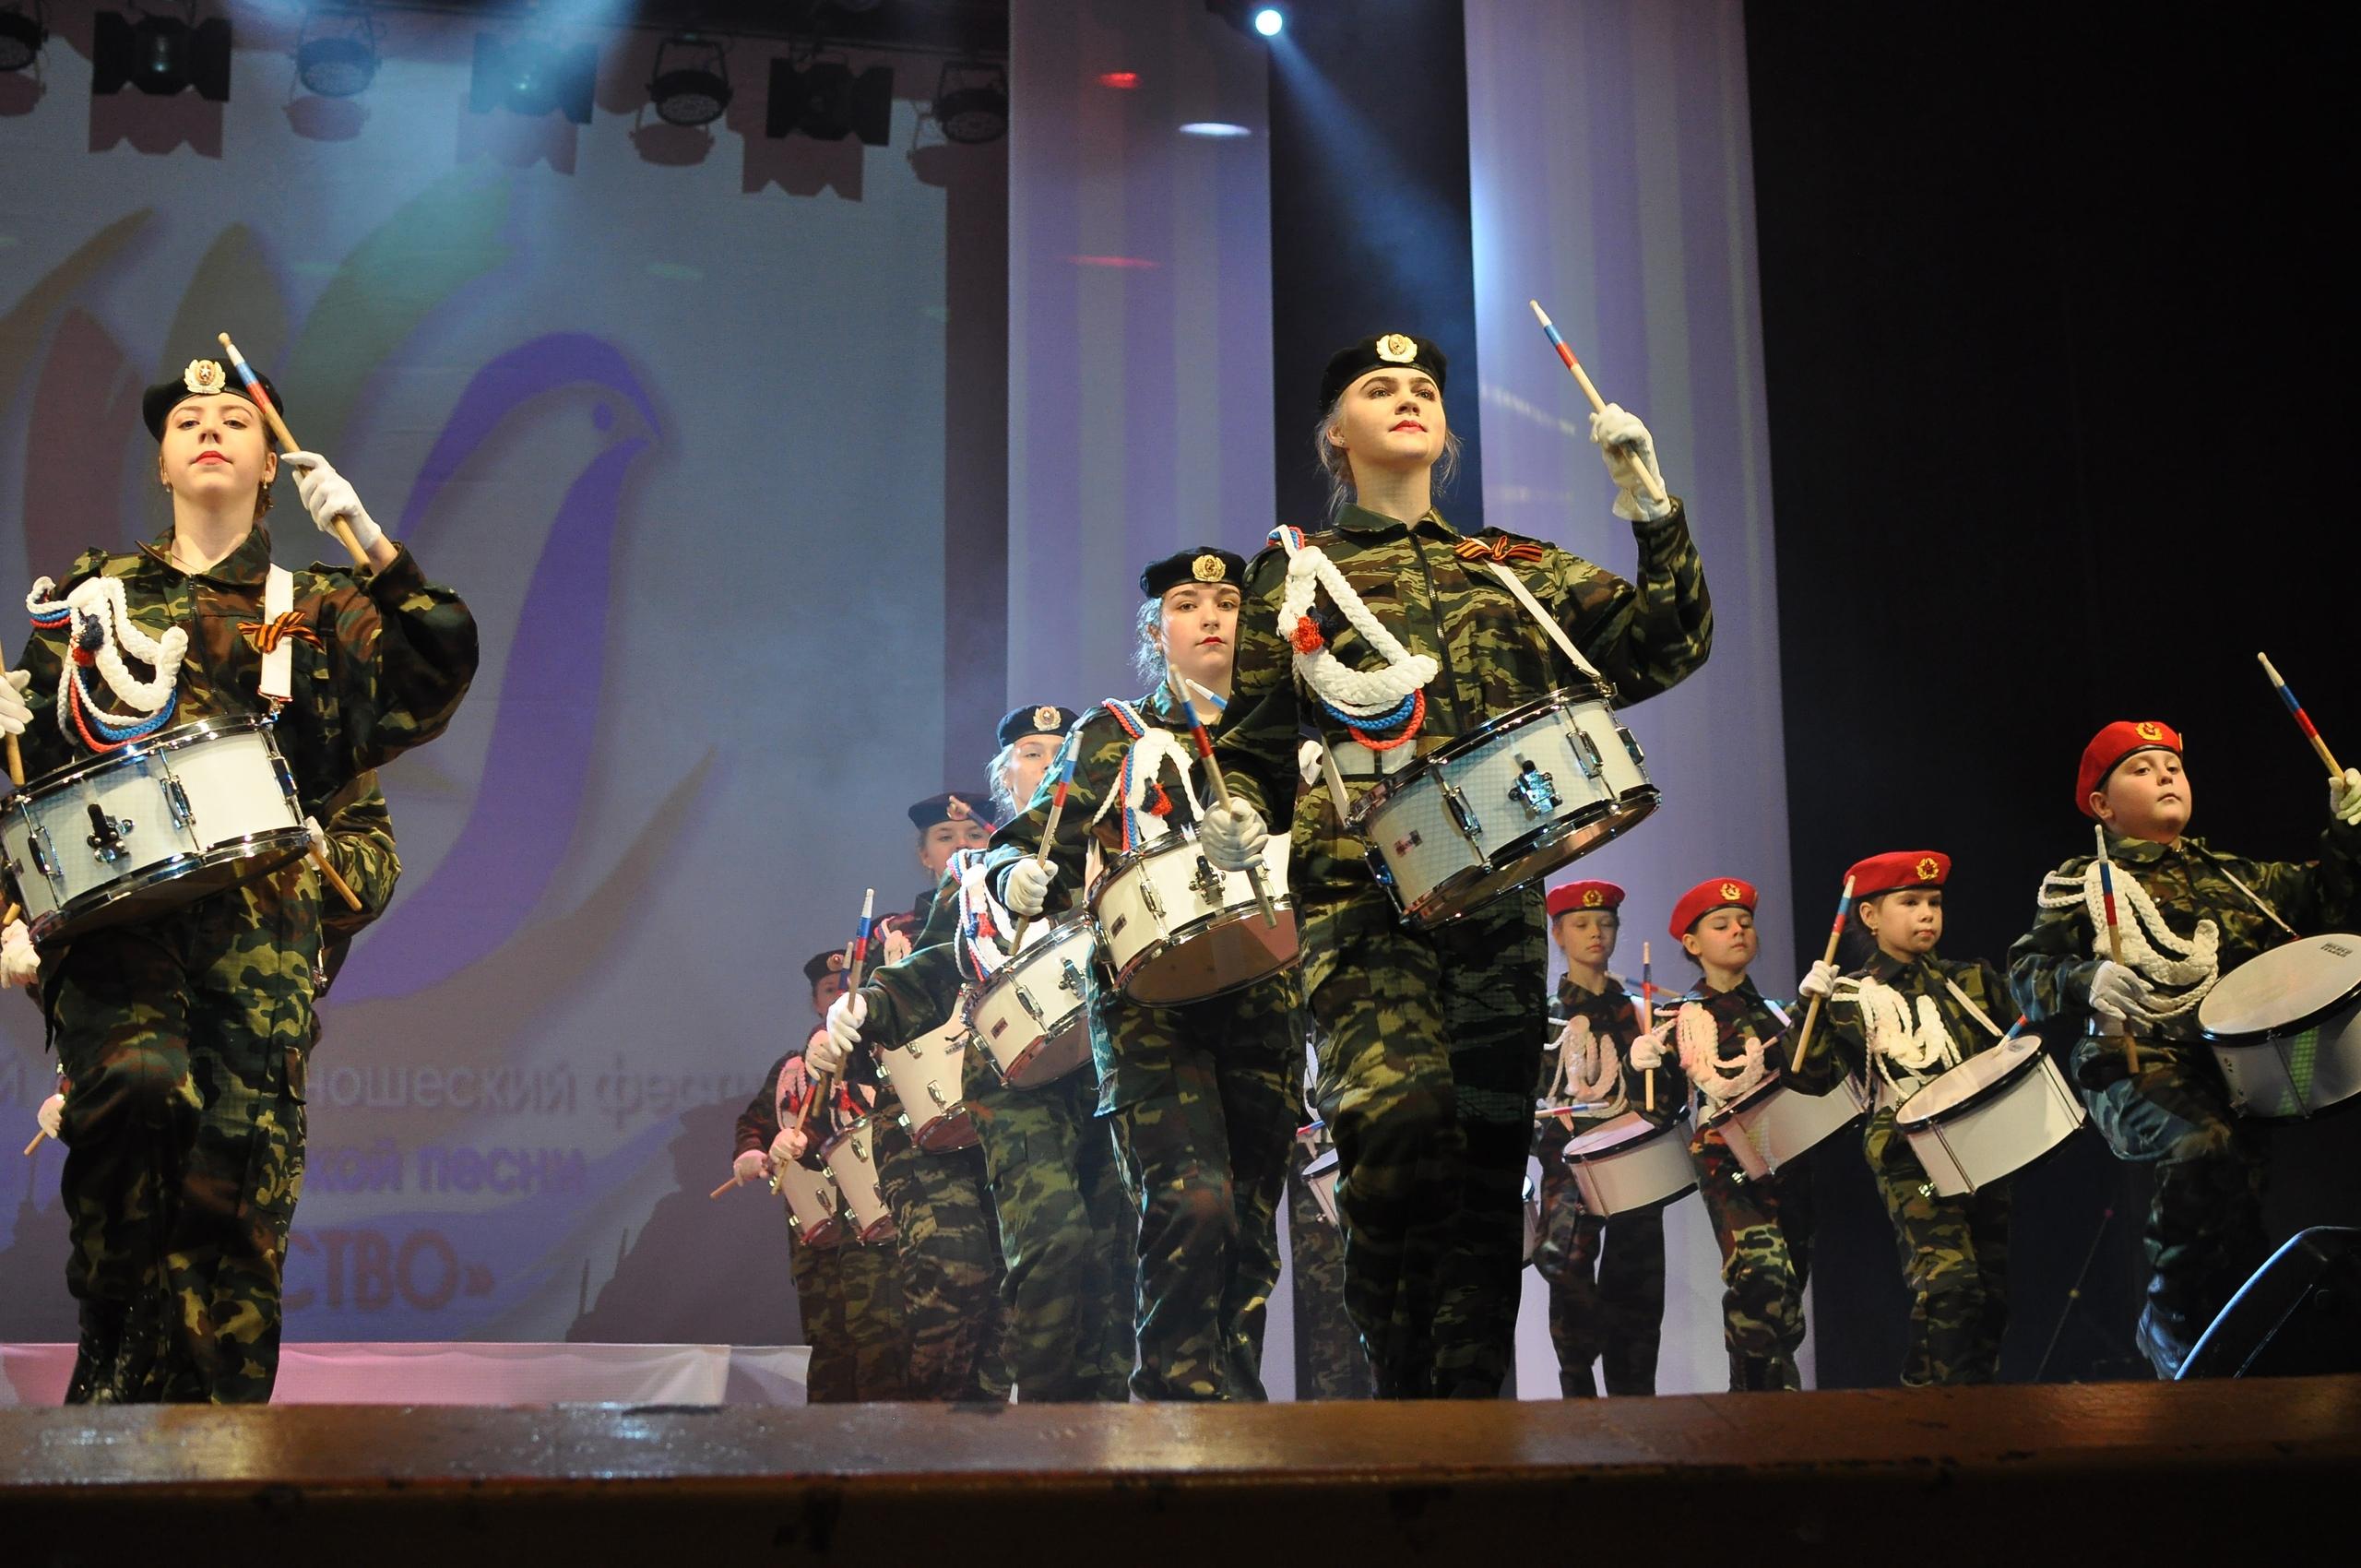 В Калязине Тверской области пройдет фестиваль патриотической песни «Отечество» - новости Афанасий